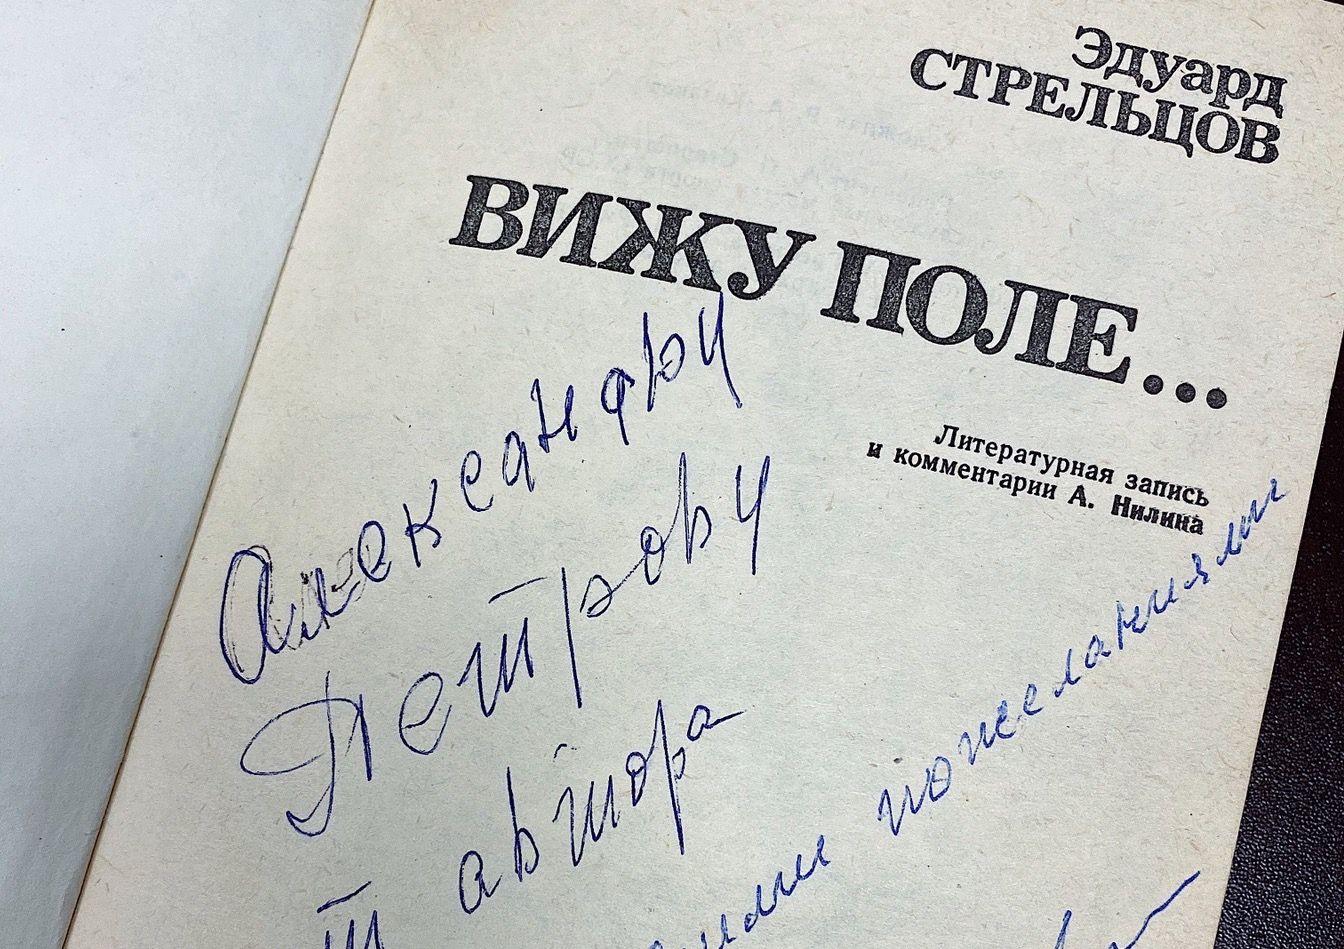 Почерк Стрельцова: музею футбольного клуба «Торпедо» передали уникальный экспонат